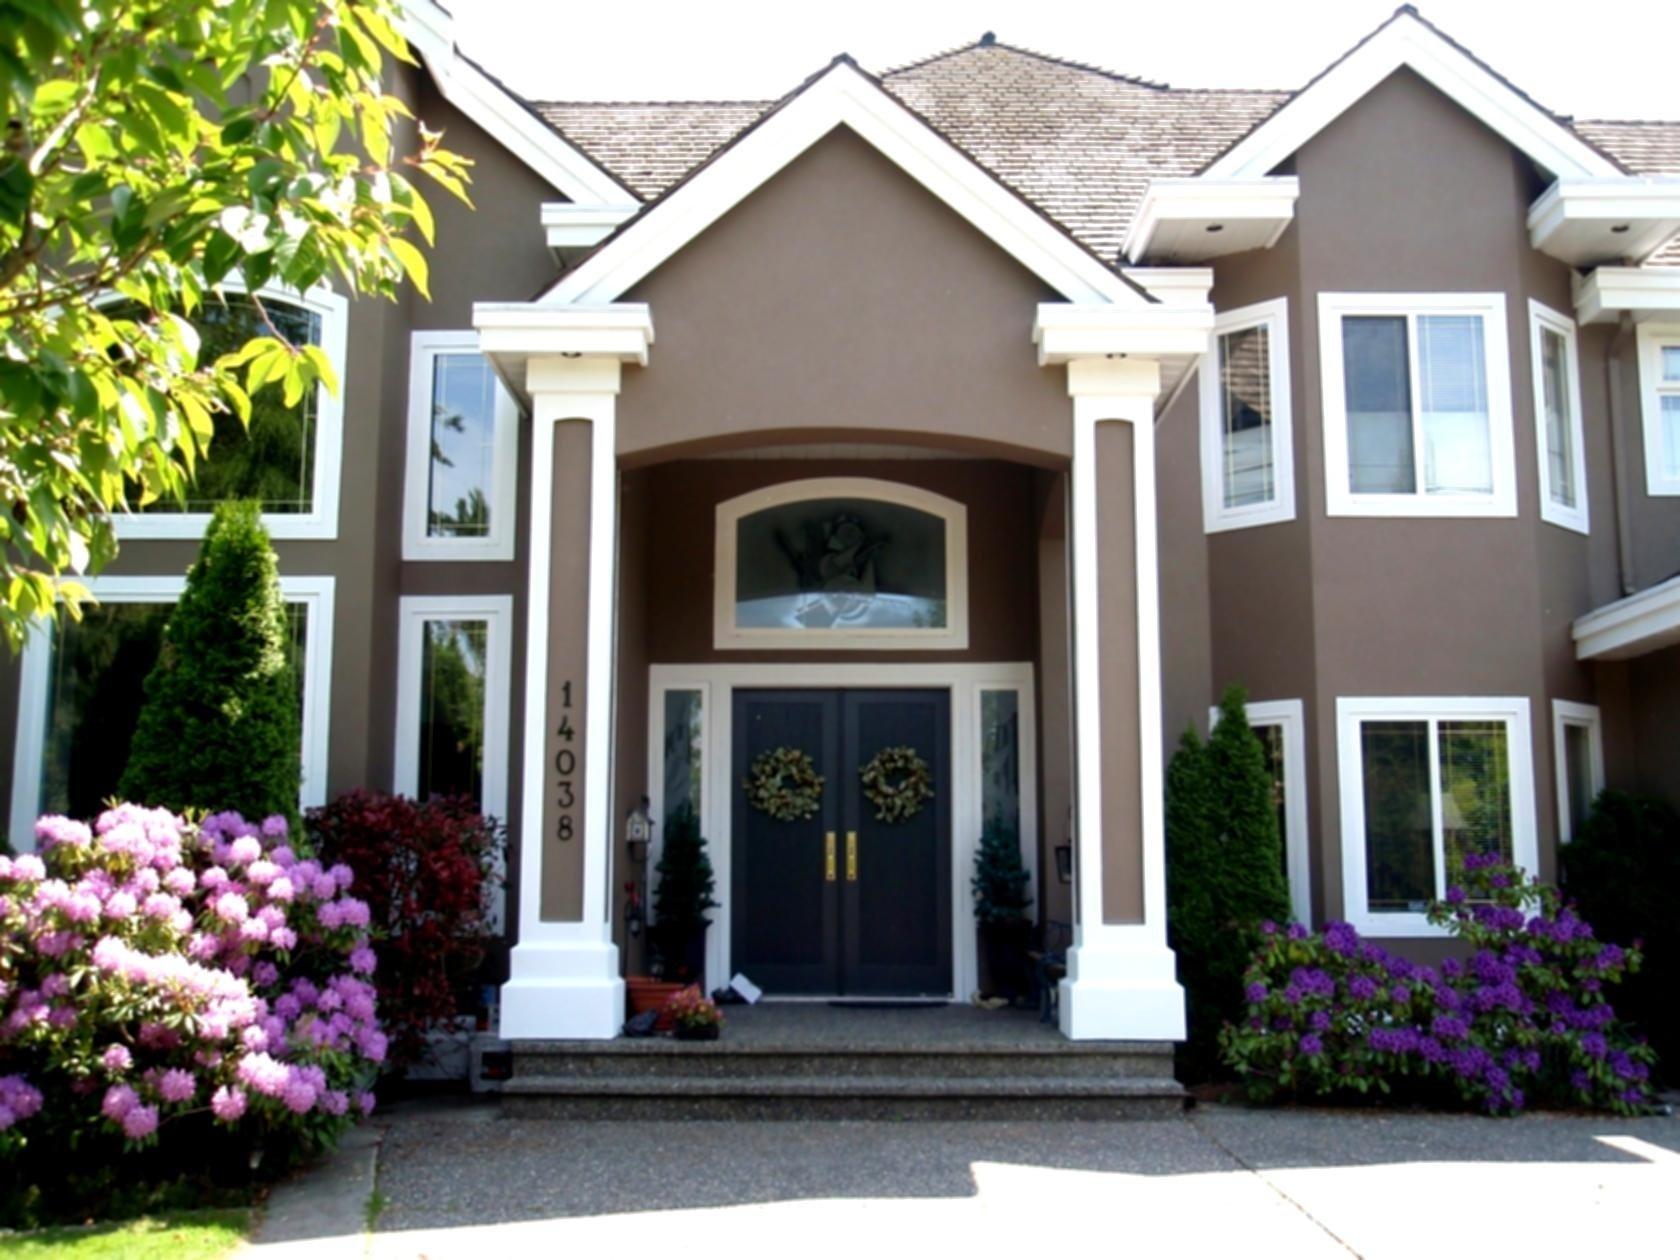 10 Attractive Exterior House Paint Ideas Pictures exteriors wonderful color for house exterior unique paint loversiq 2020